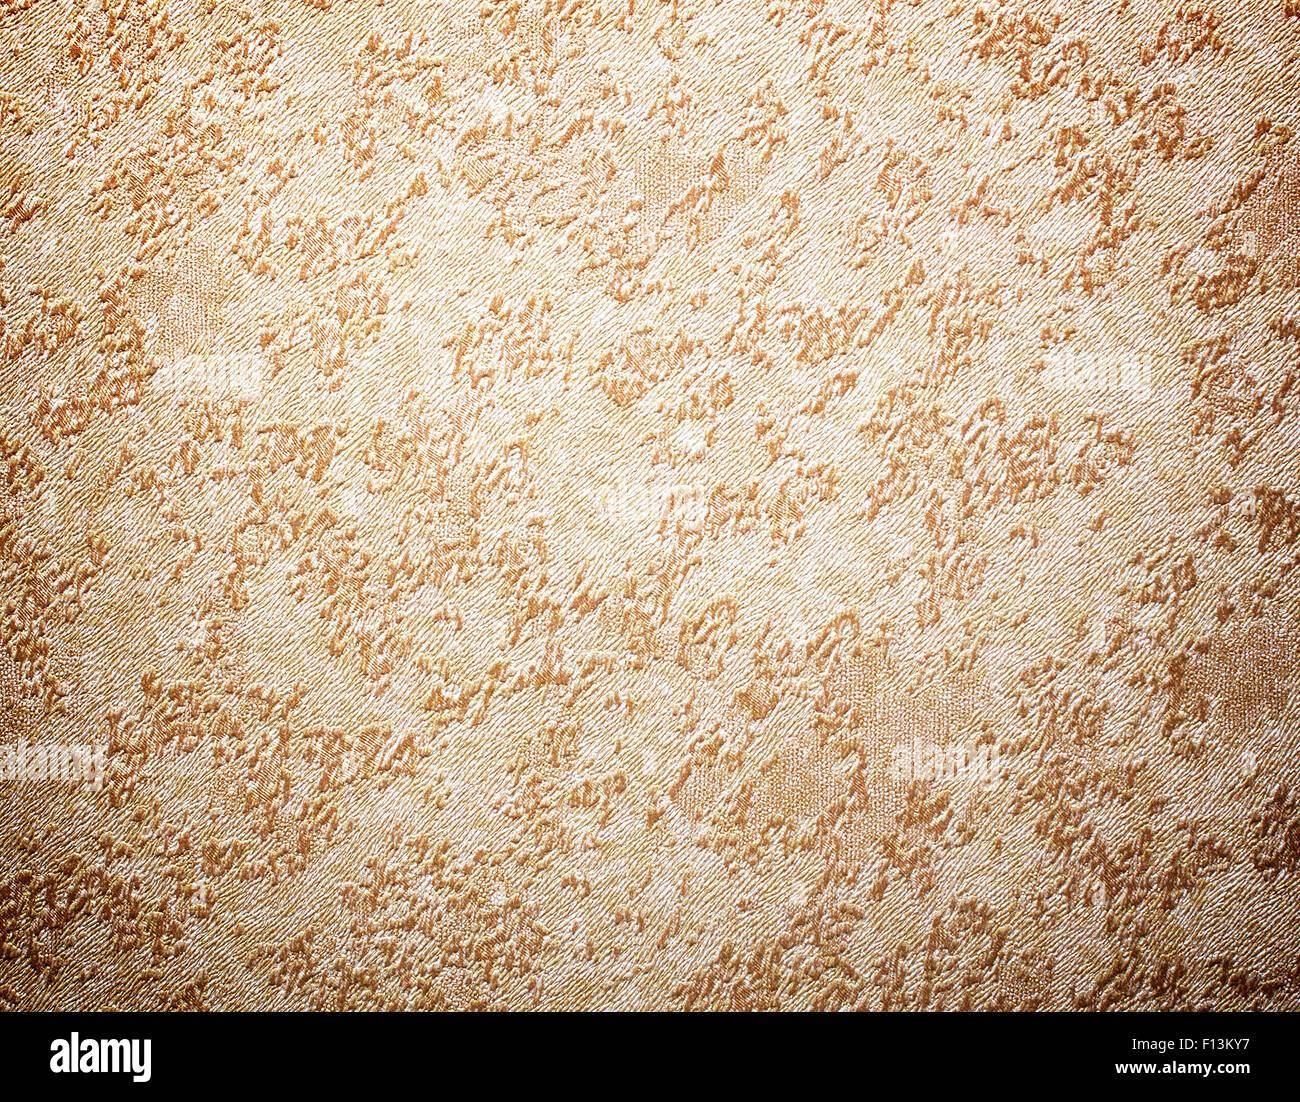 Sehr Ausgezeichnete nahtlose floralen Hintergrundbild, Wand Stoff JM78